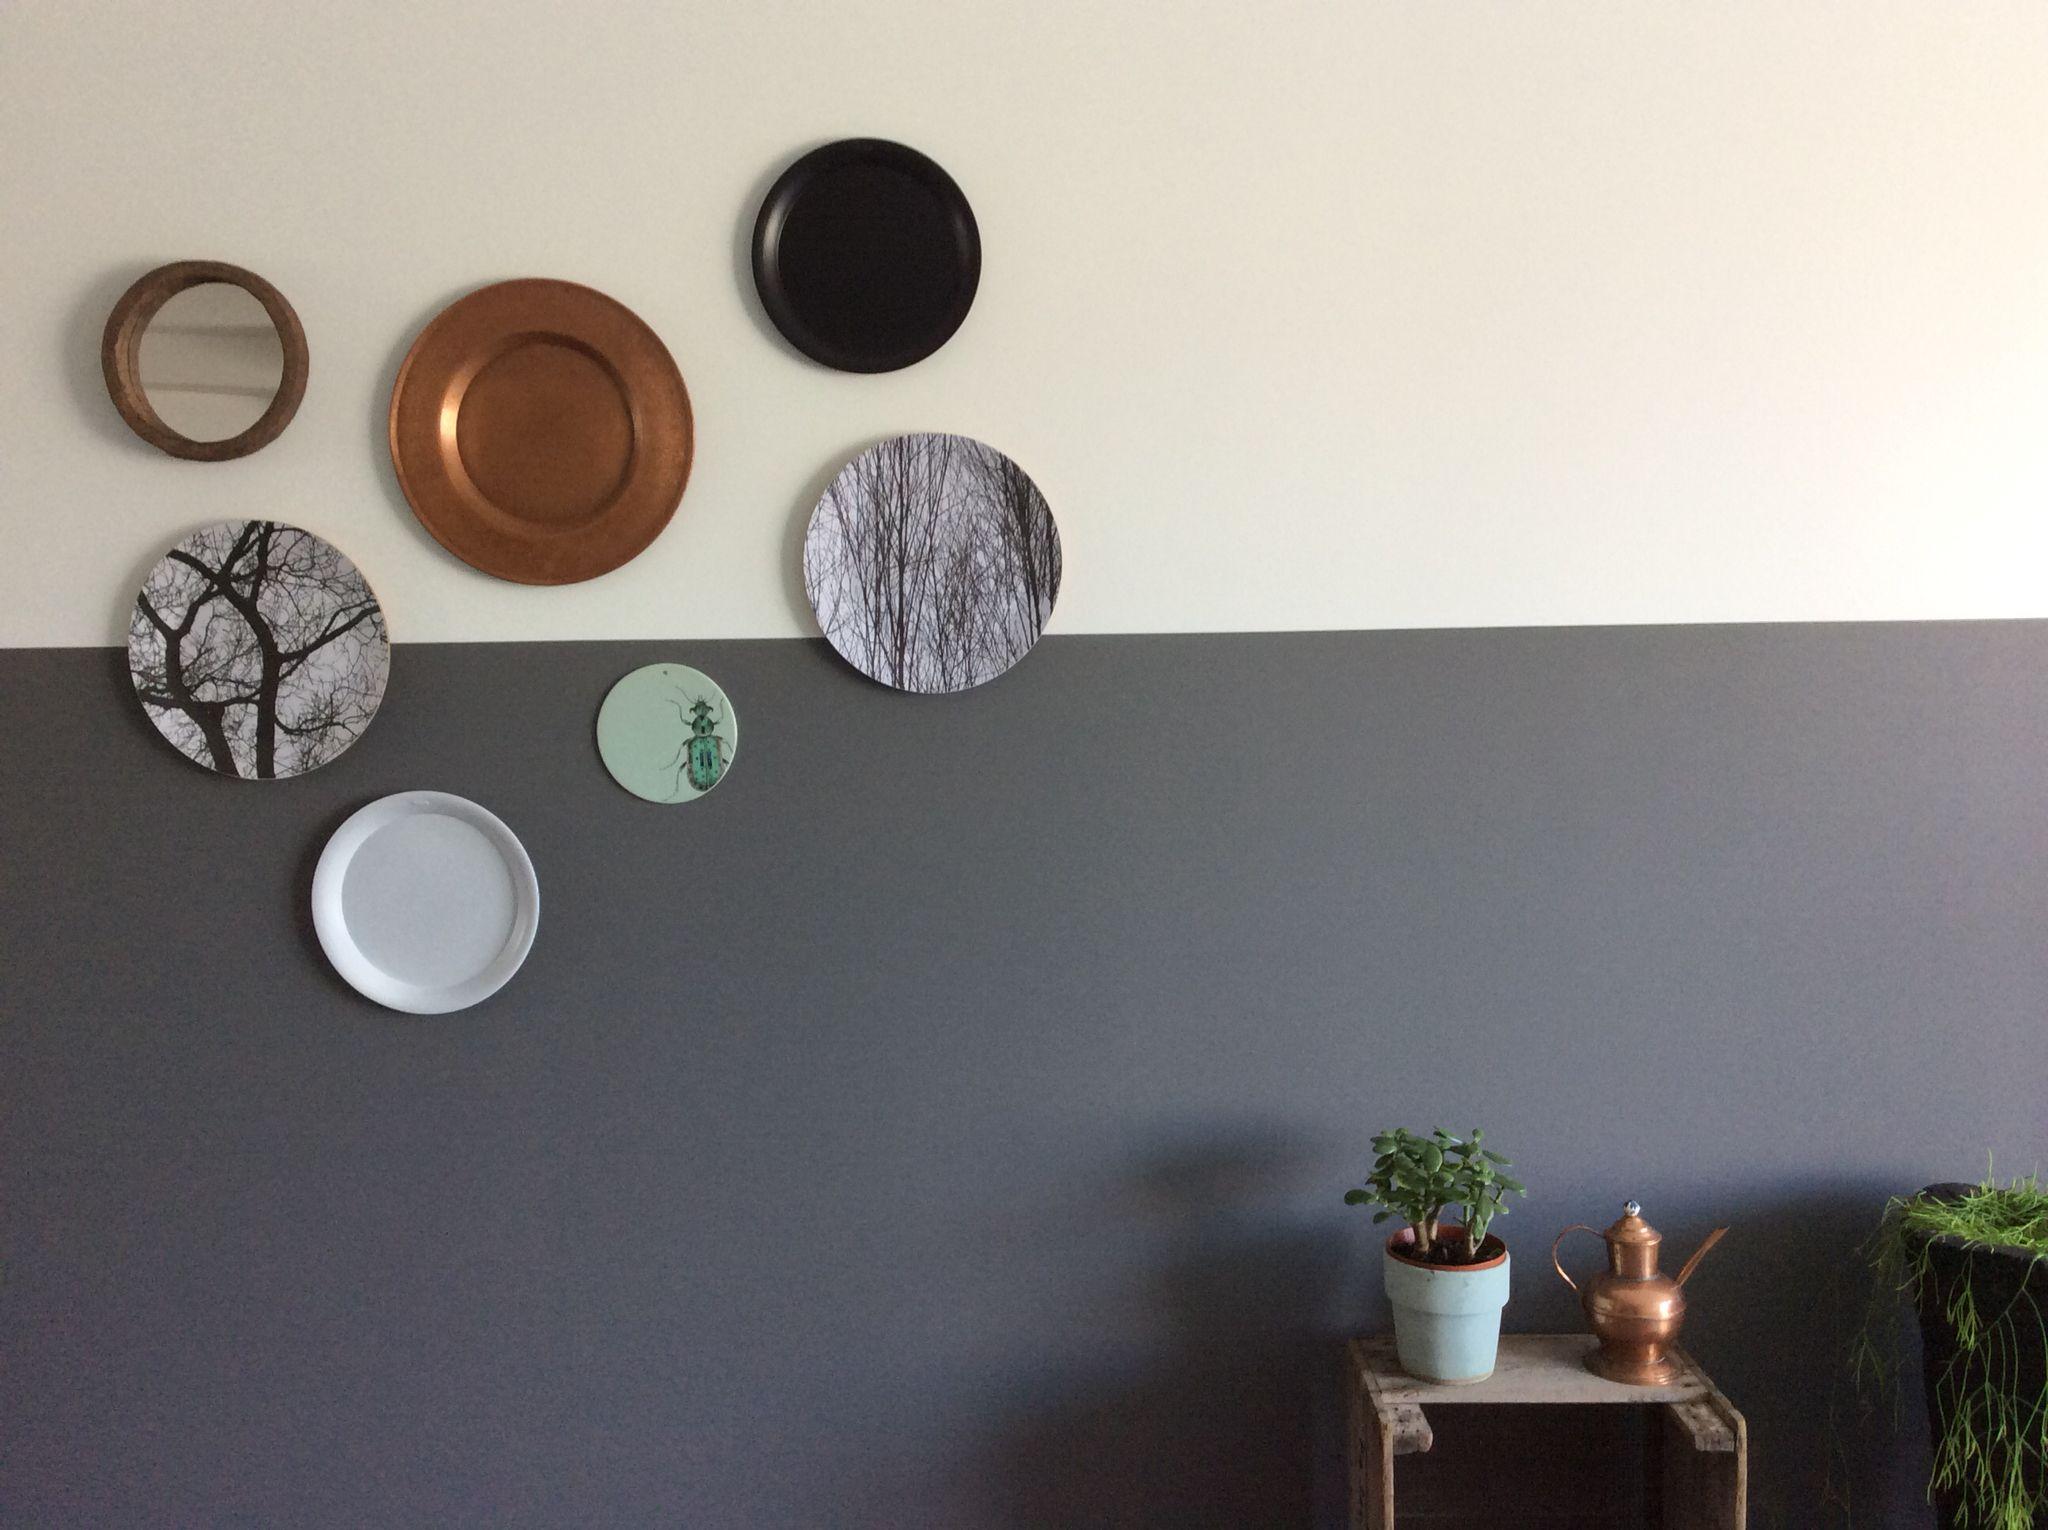 Hedendaags Halve muur geverfd / bordjes ophangen / vt wonen (met afbeeldingen PD-18